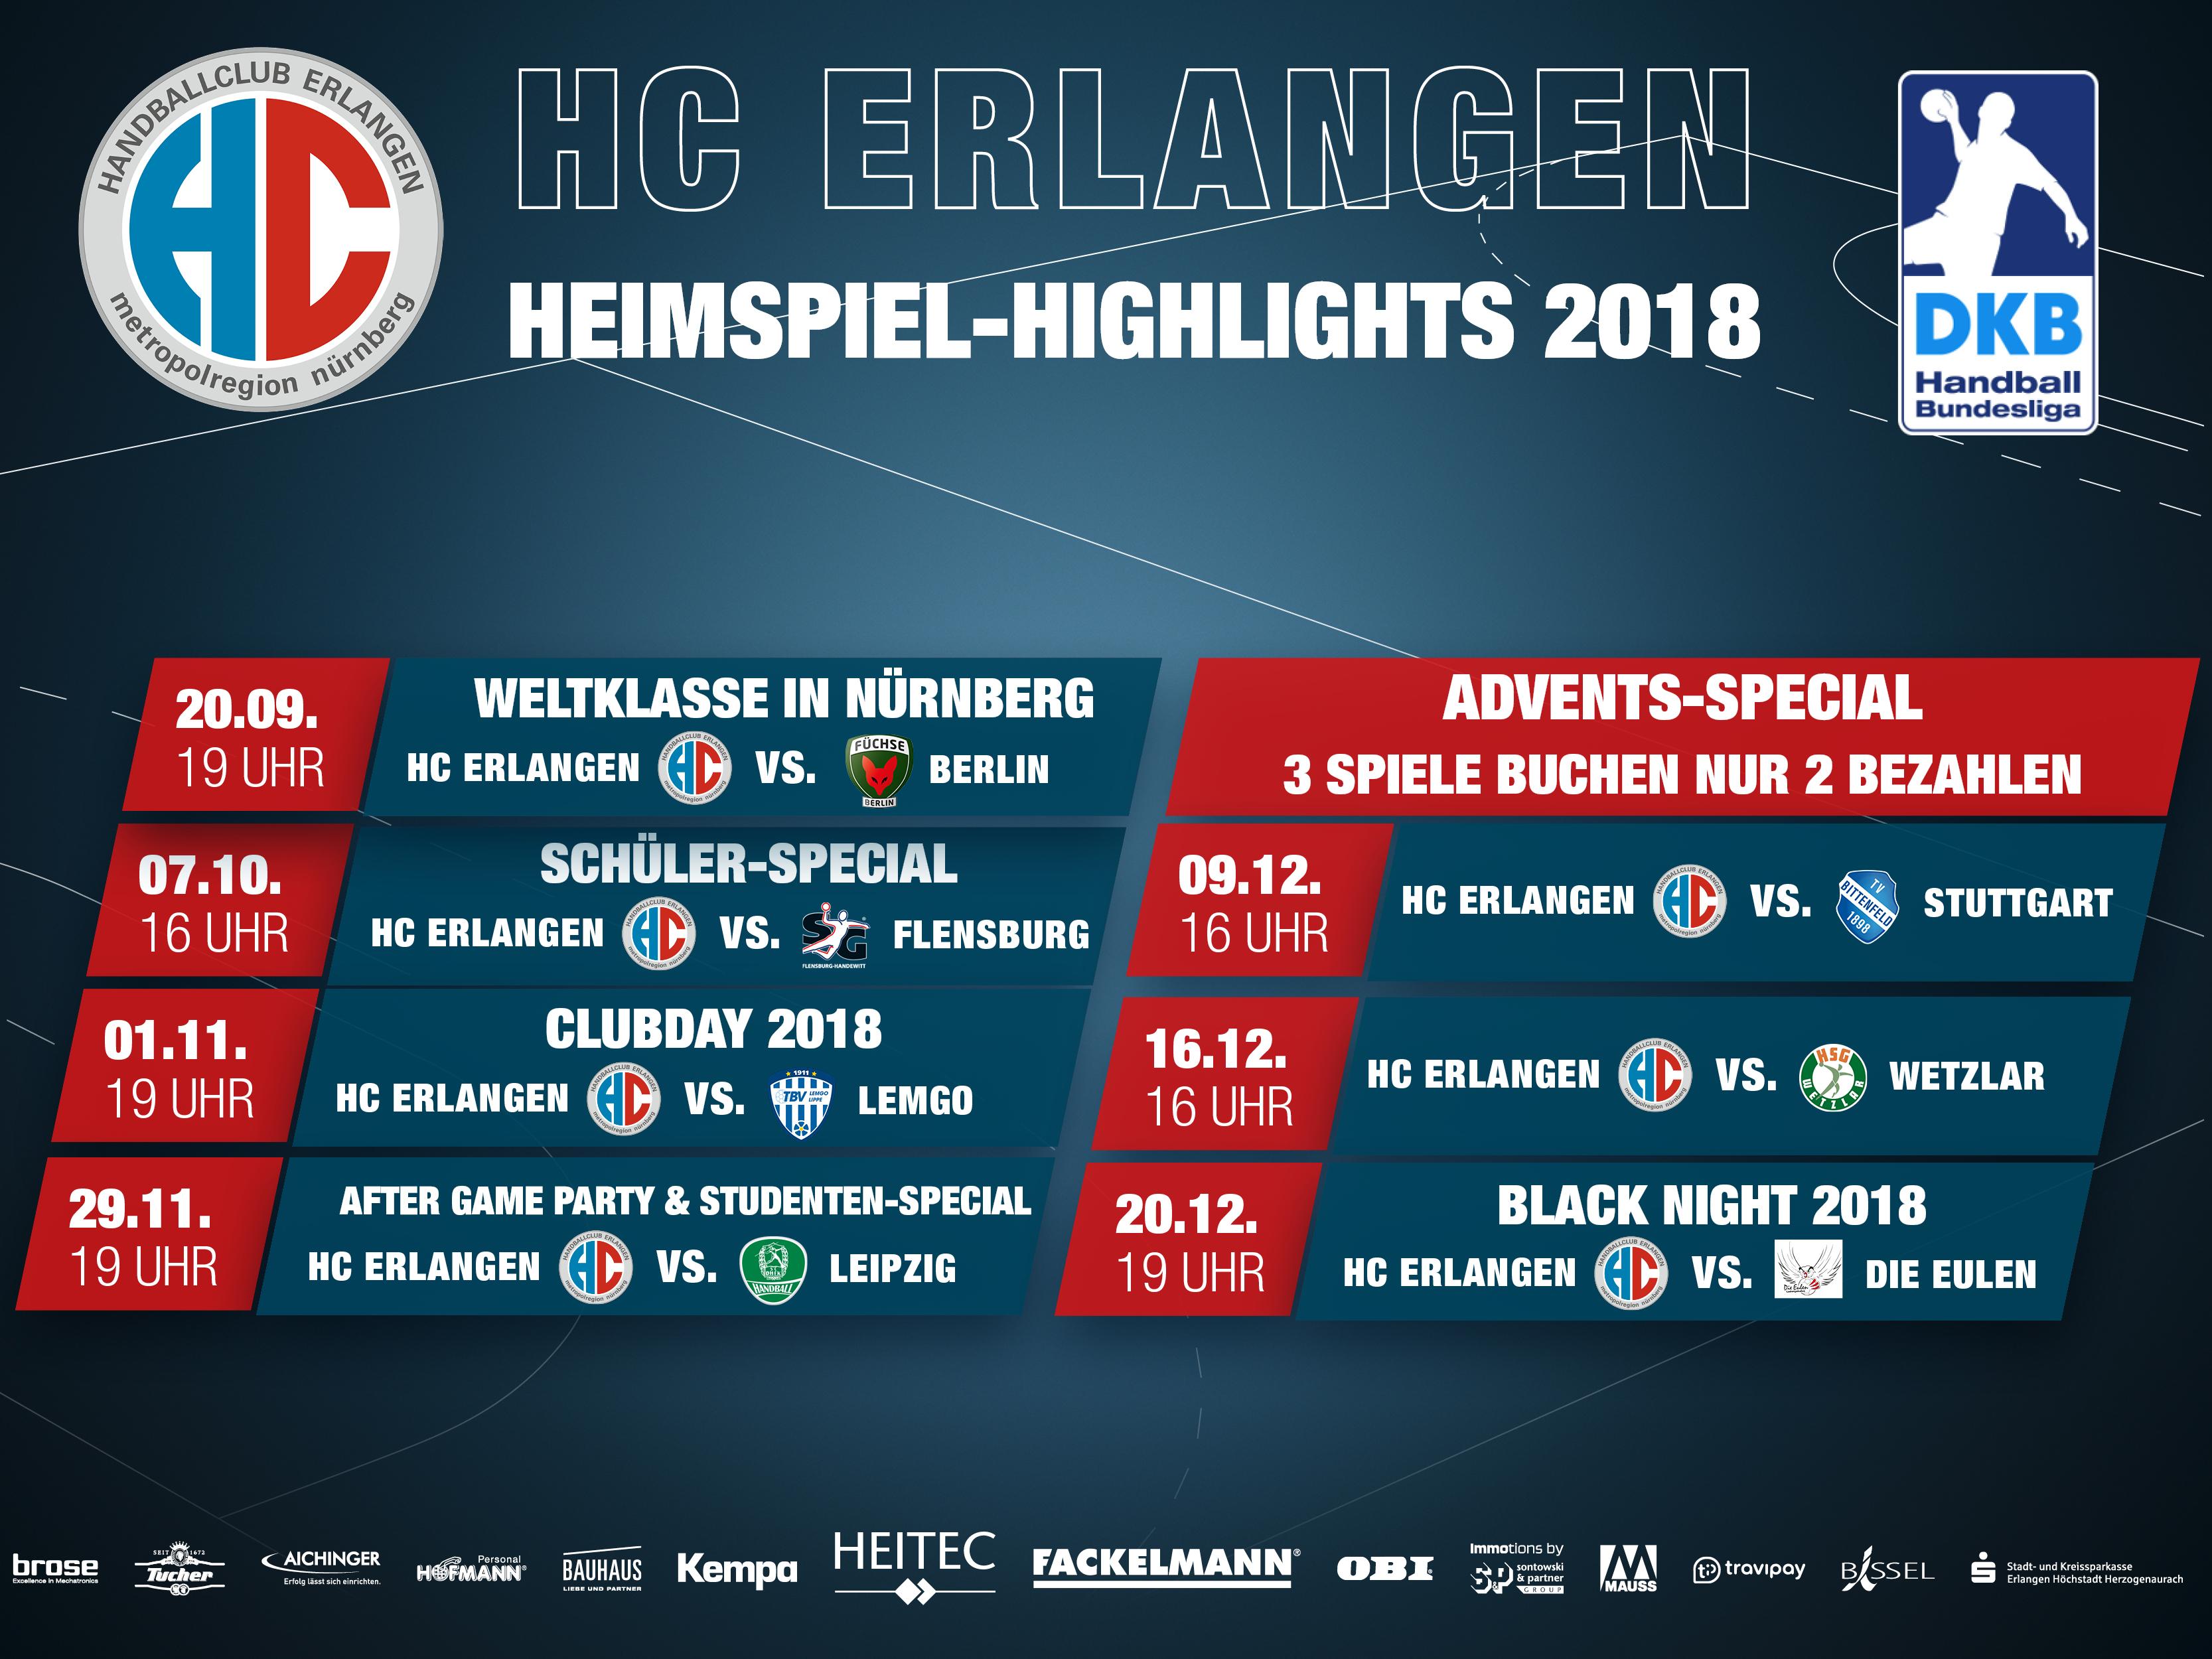 Spielplan Hc Erlangen